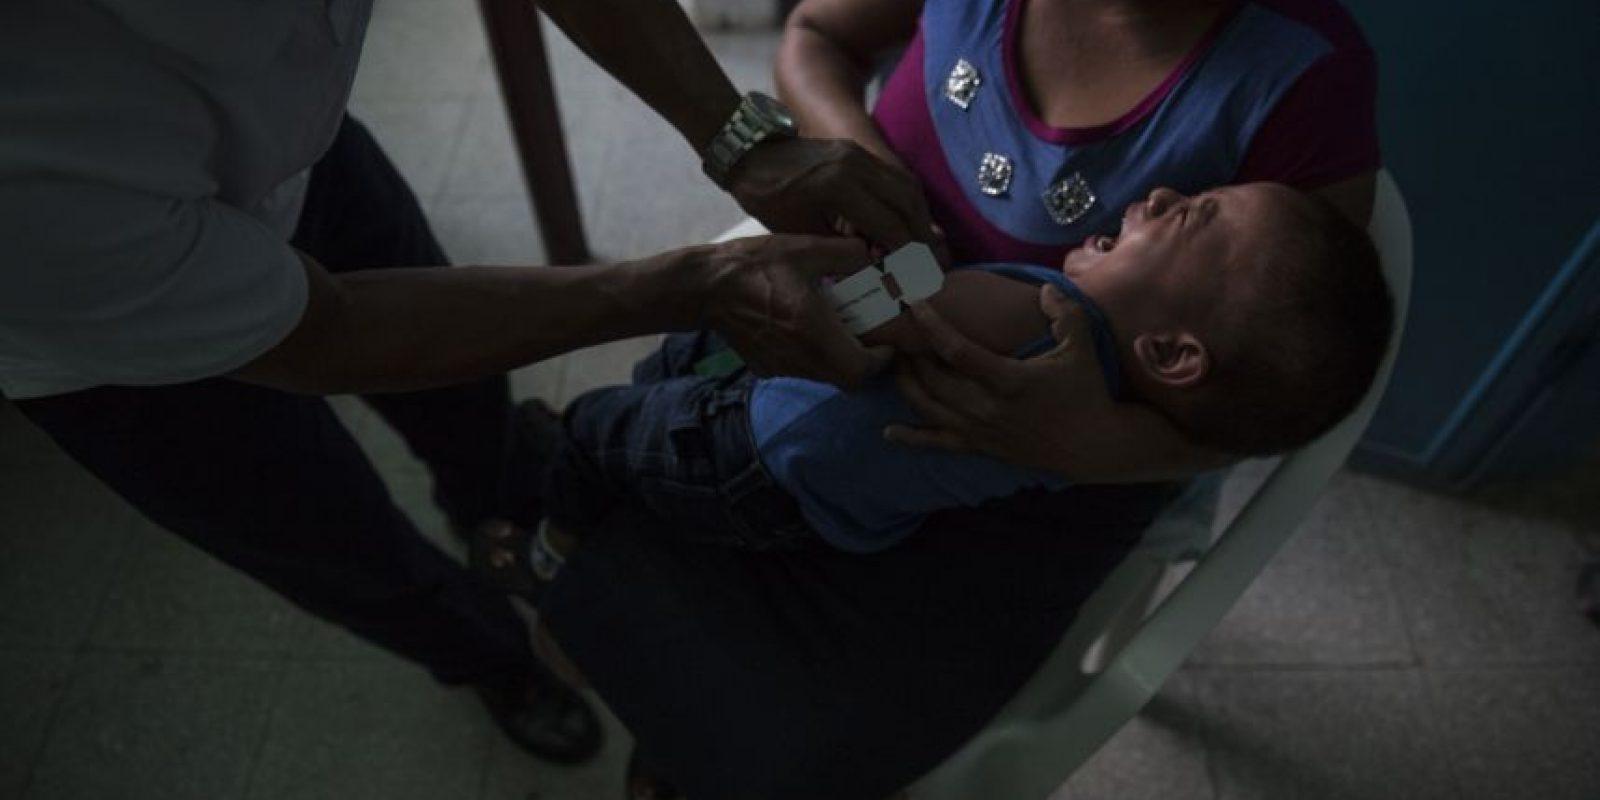 A los niños se les hacen mediciones para verificar si están en riesgo de desnutrición. Foto:Oliver de Ros